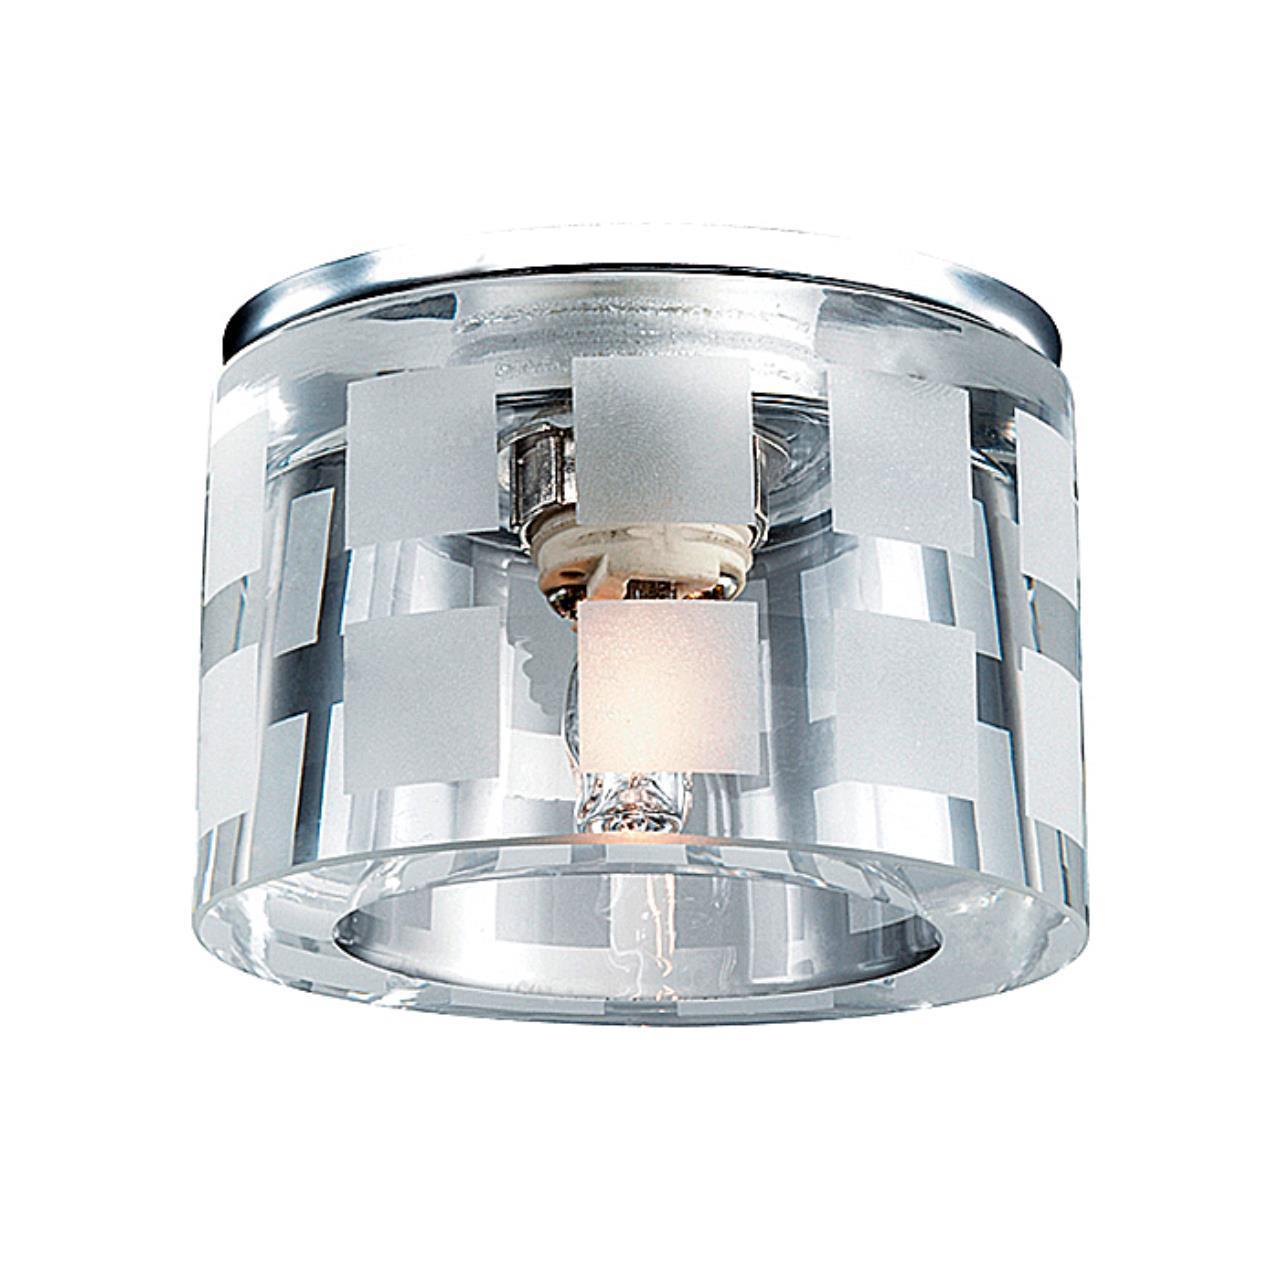 369808 SPOT NT12 126 хром Встраиваемый светильник IP20 G9 40W 220V NORD